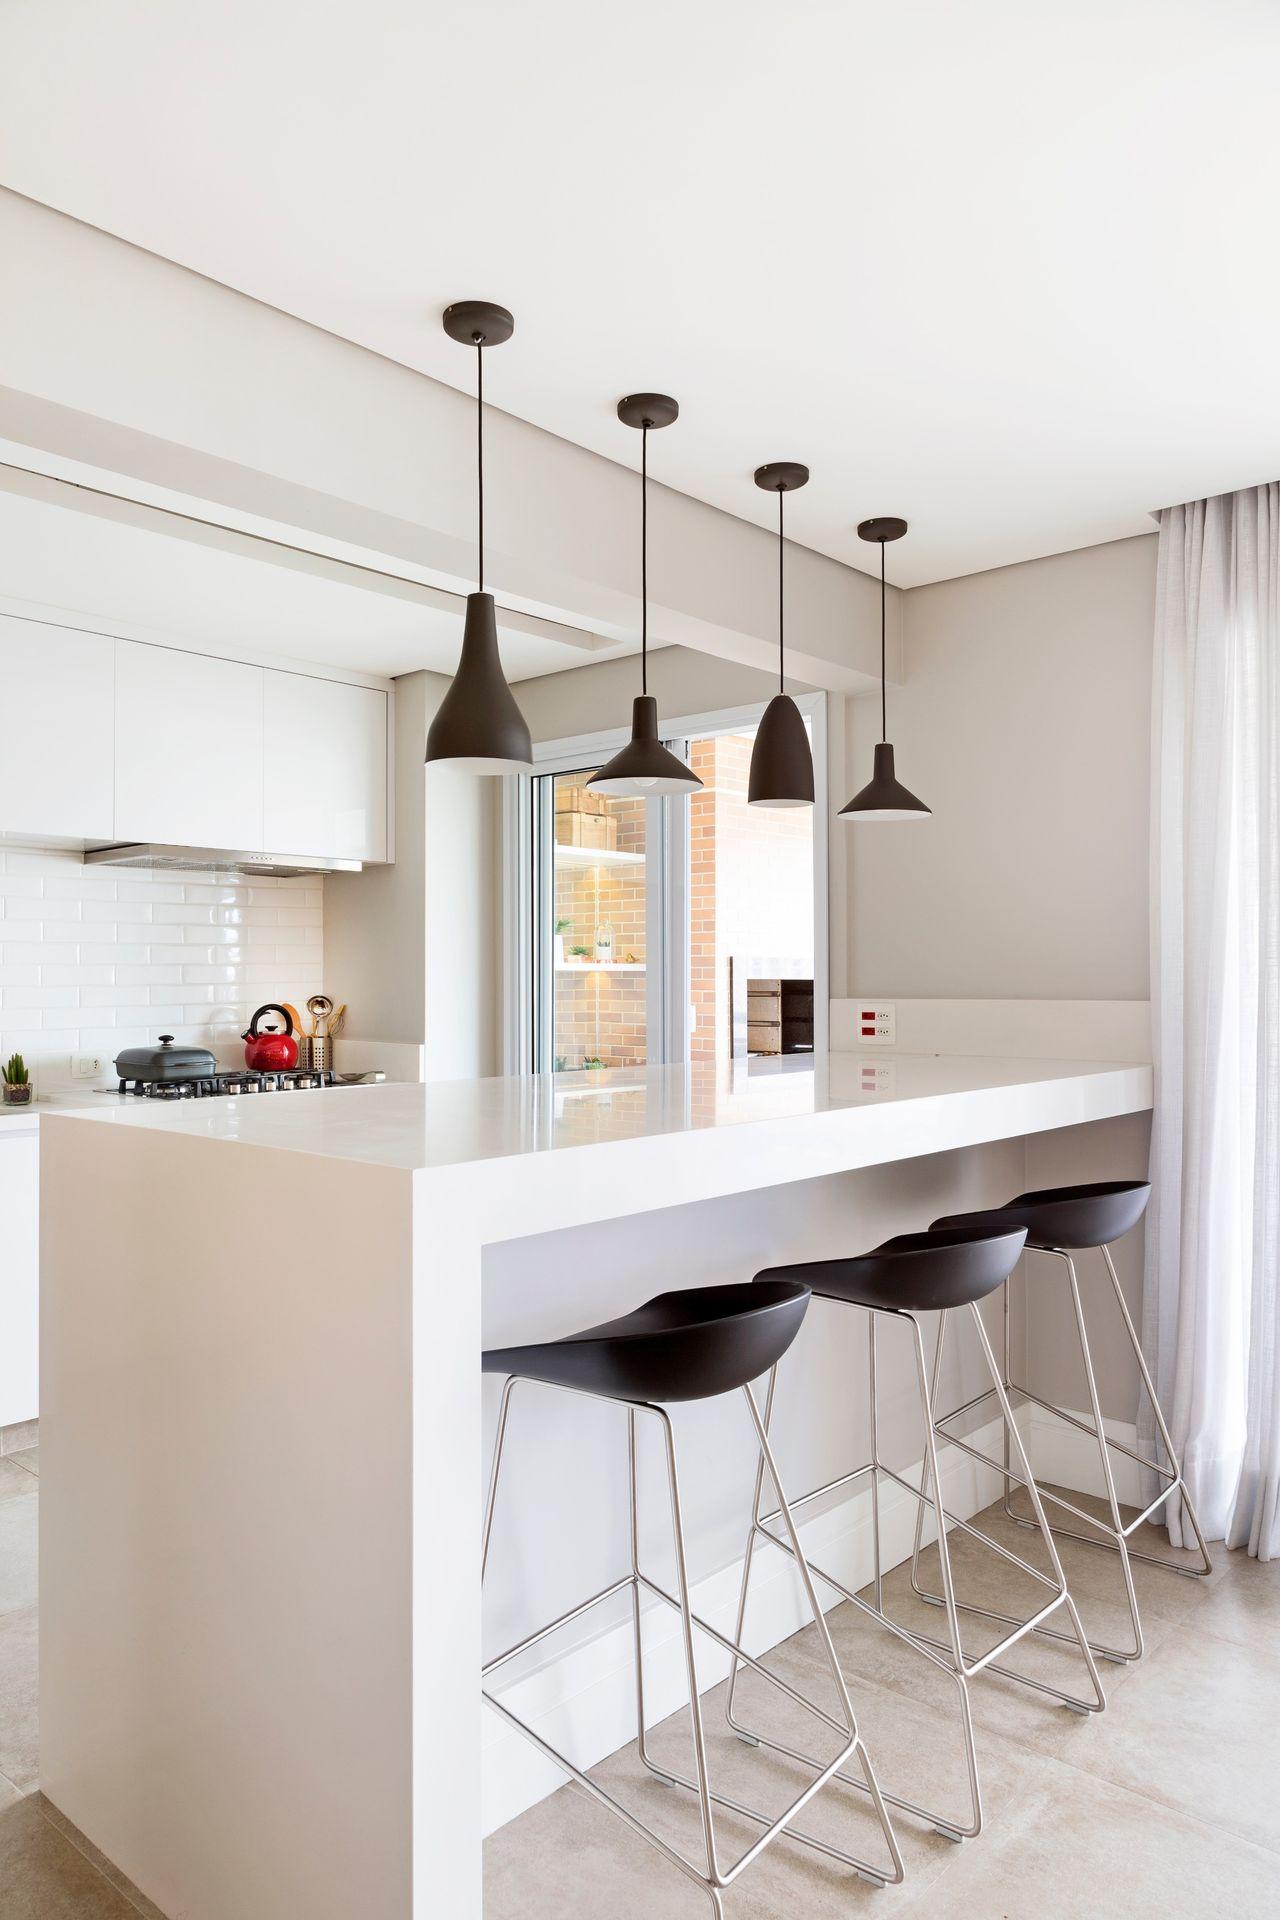 Cozinha Americana Branca Com Pendentes Pretos De Gf Projetos